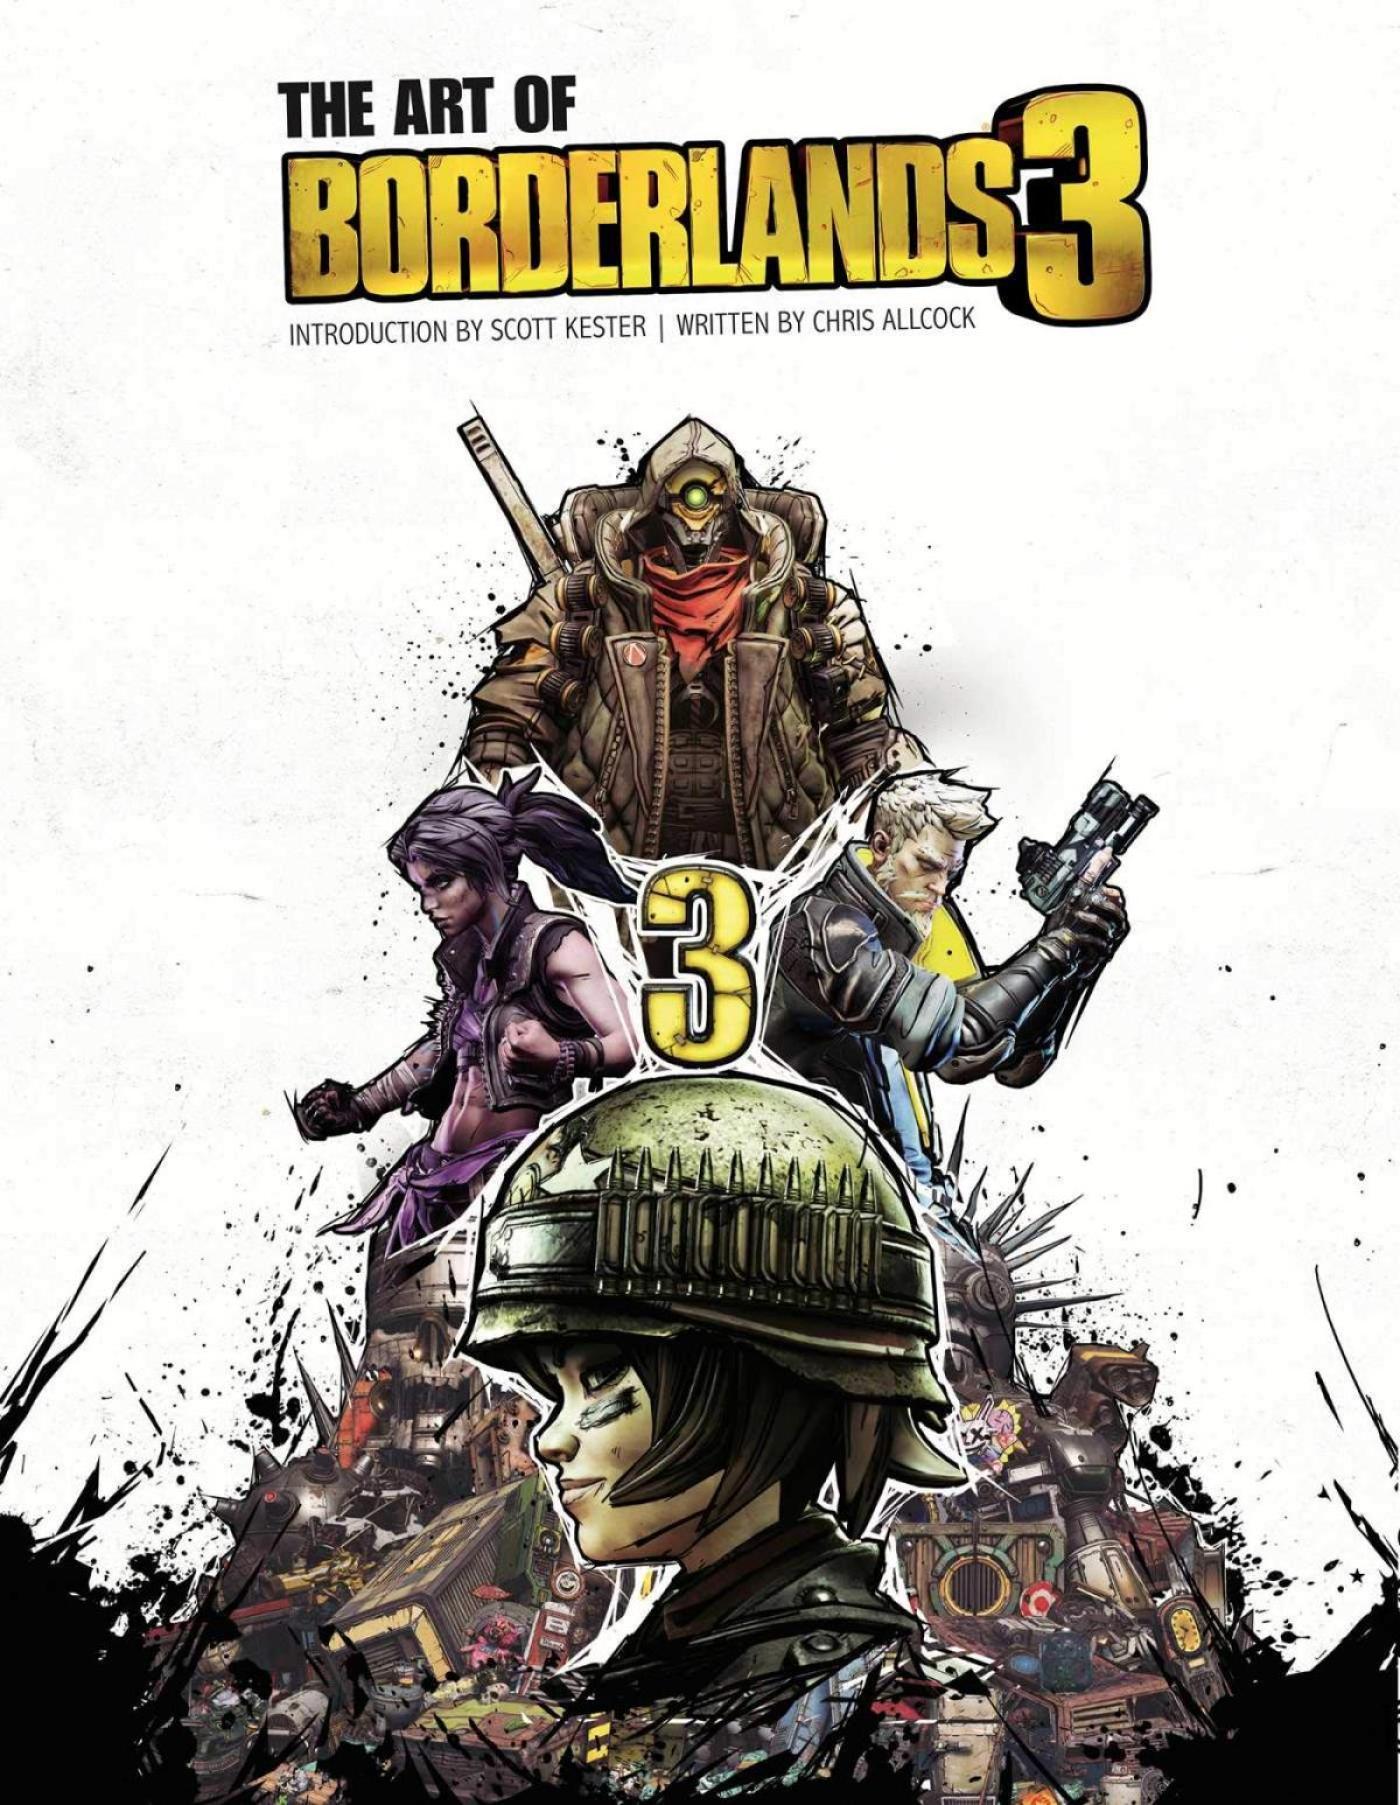 「The Art of Borderlands 3」サンプルイラスト